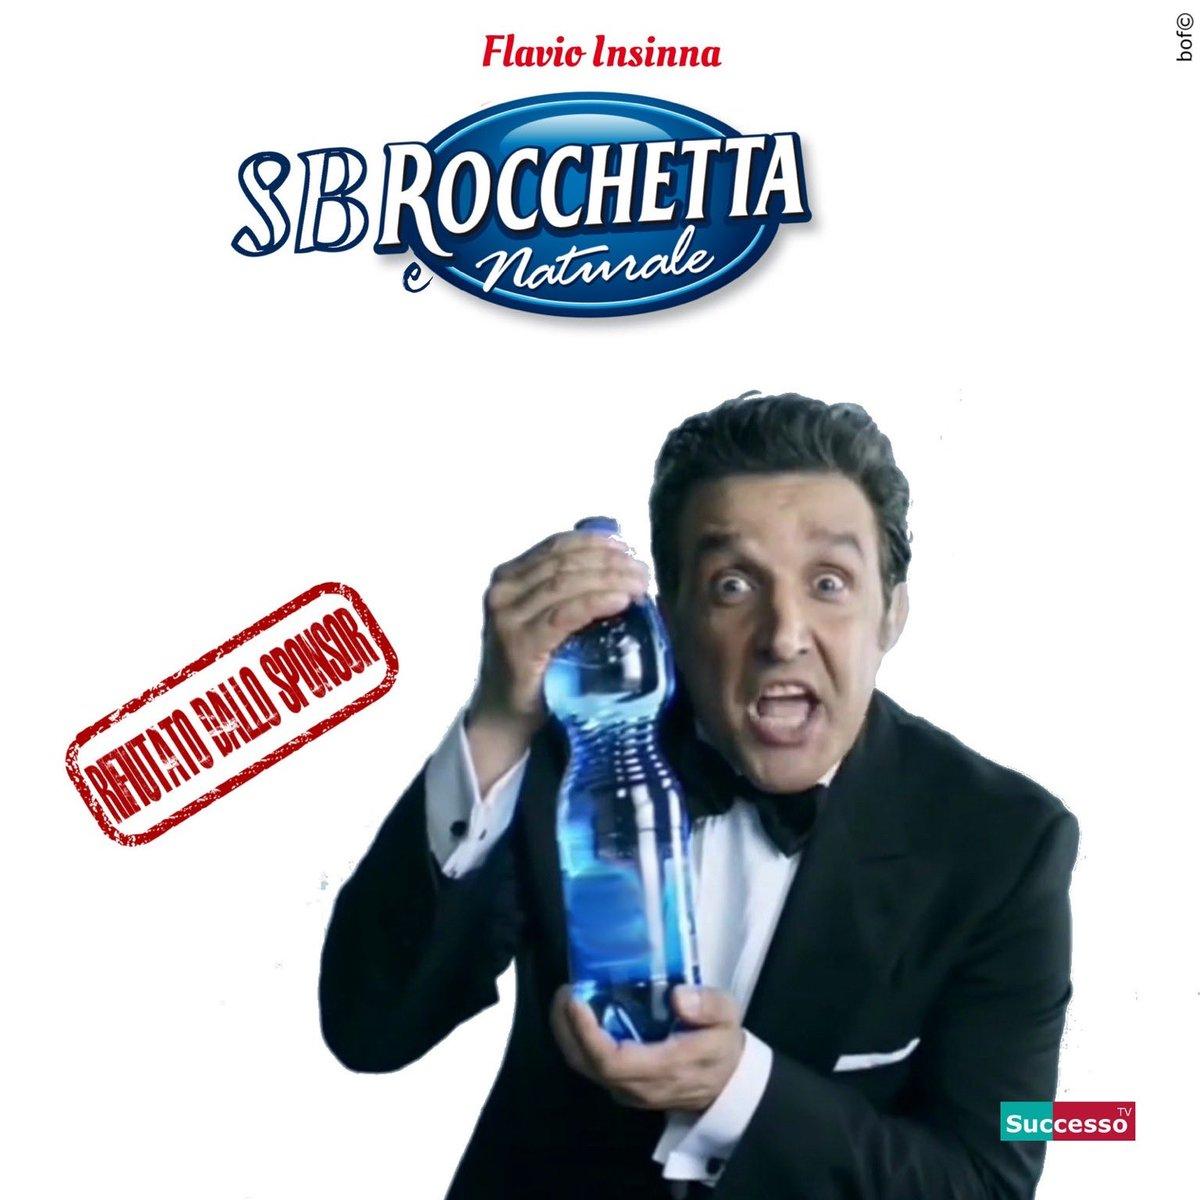 Il testimonial di un prodotto e gli obblighi del contratto: Rocchetta v. Fabio Insinna